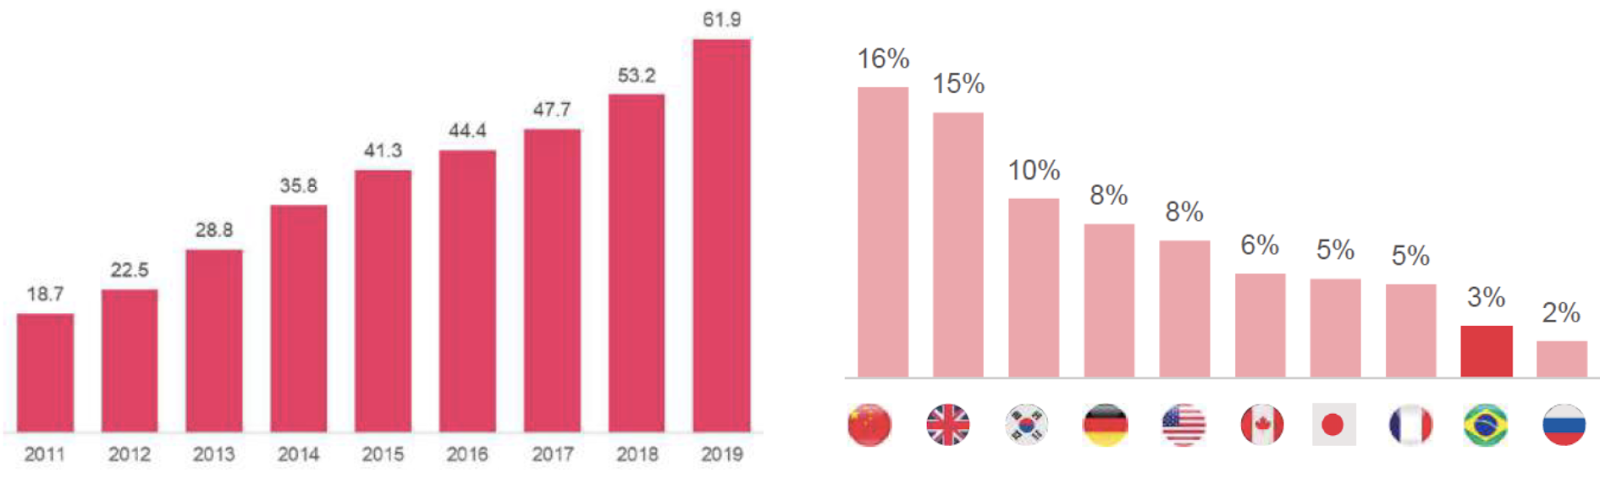 Gráfico esquerda vendas totais e-commerce Brasil e direita proporção do e-commerce no faturamento do varejo.